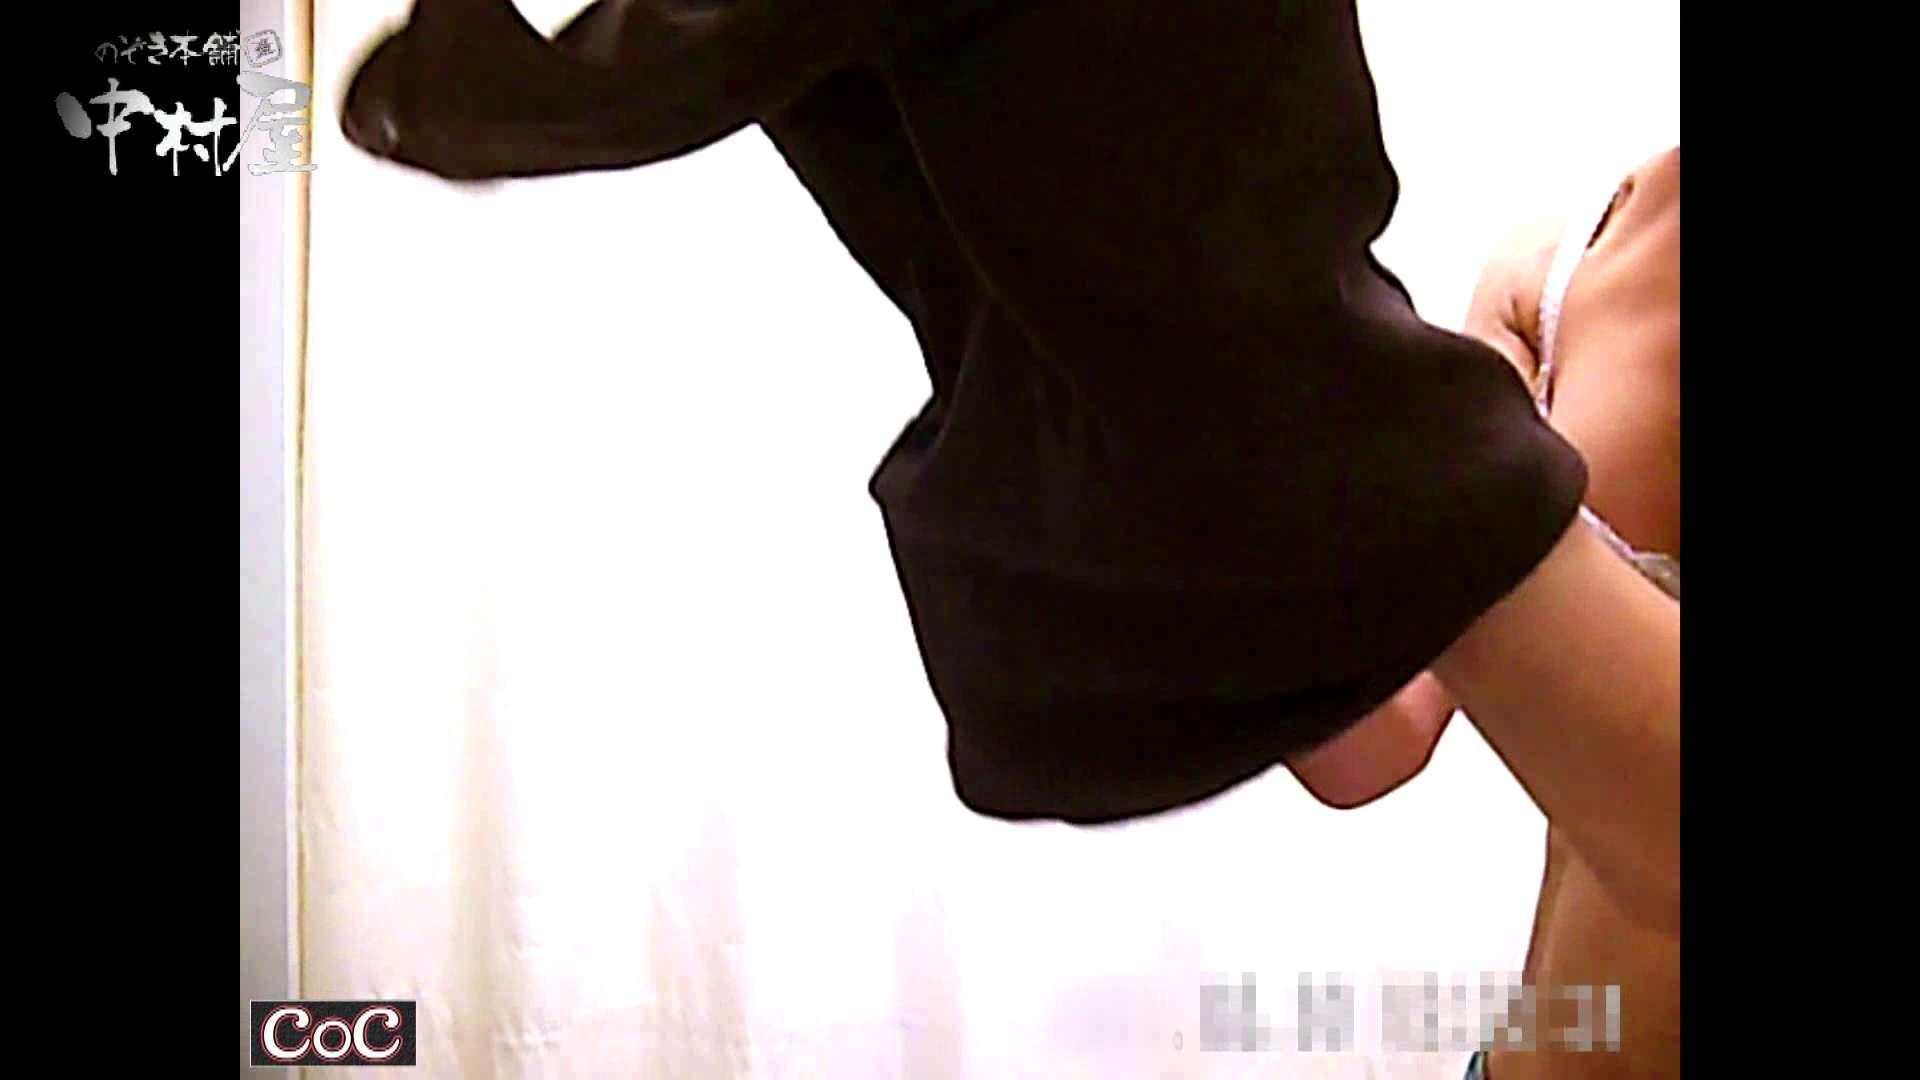 激ヤバ健康診断!着替えの一部始終.vol.01 ※本編ボカシ・目線無し 着替え 盗撮オメコ無修正動画無料 102画像 21